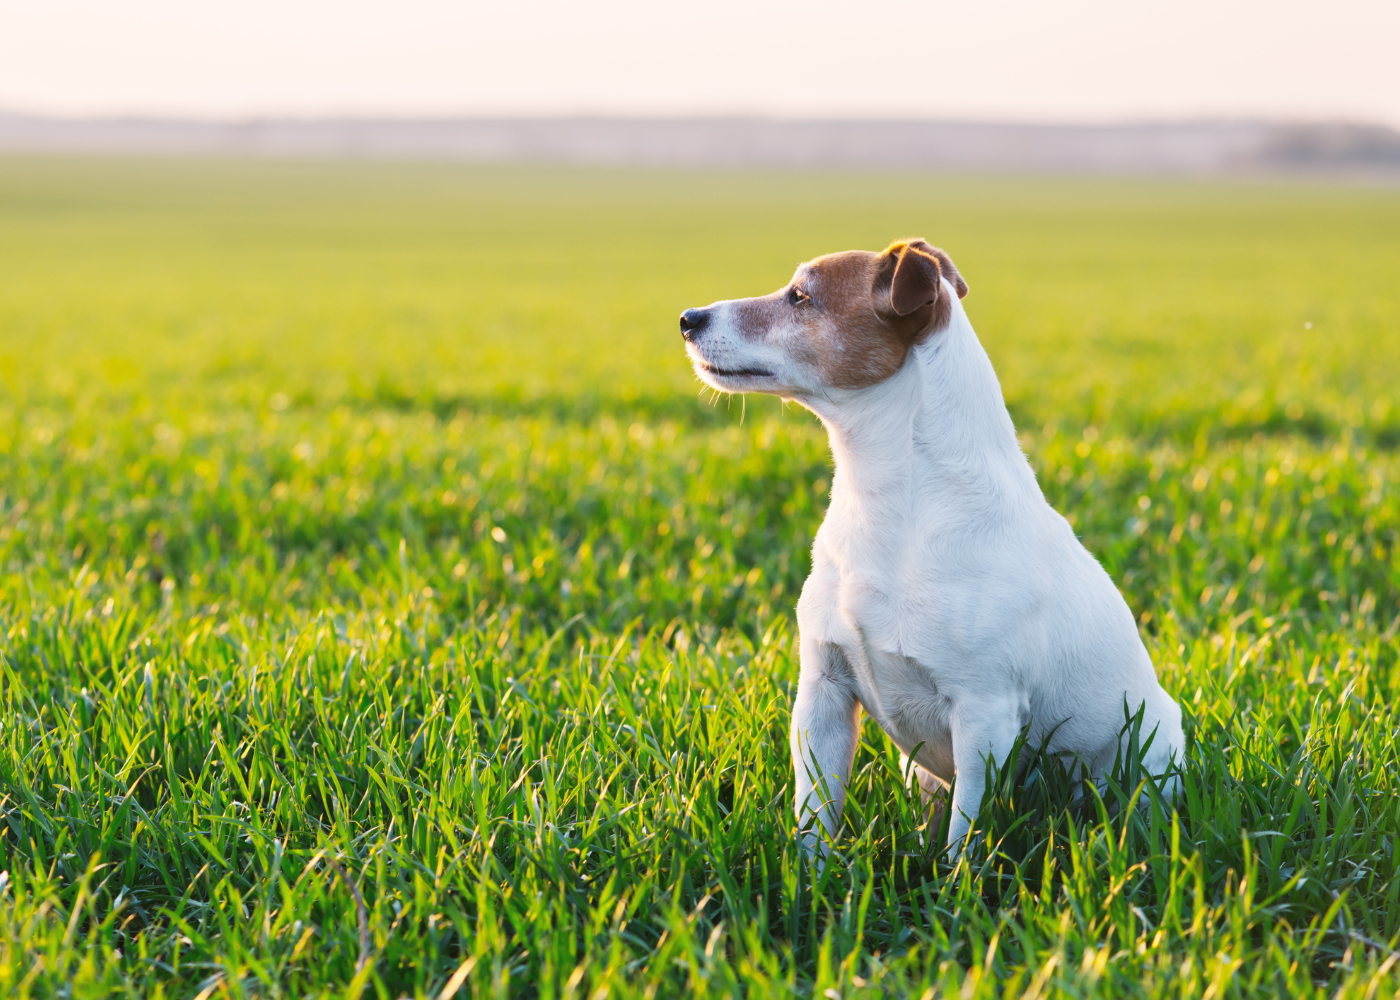 jack russel terrier sentado no jardim